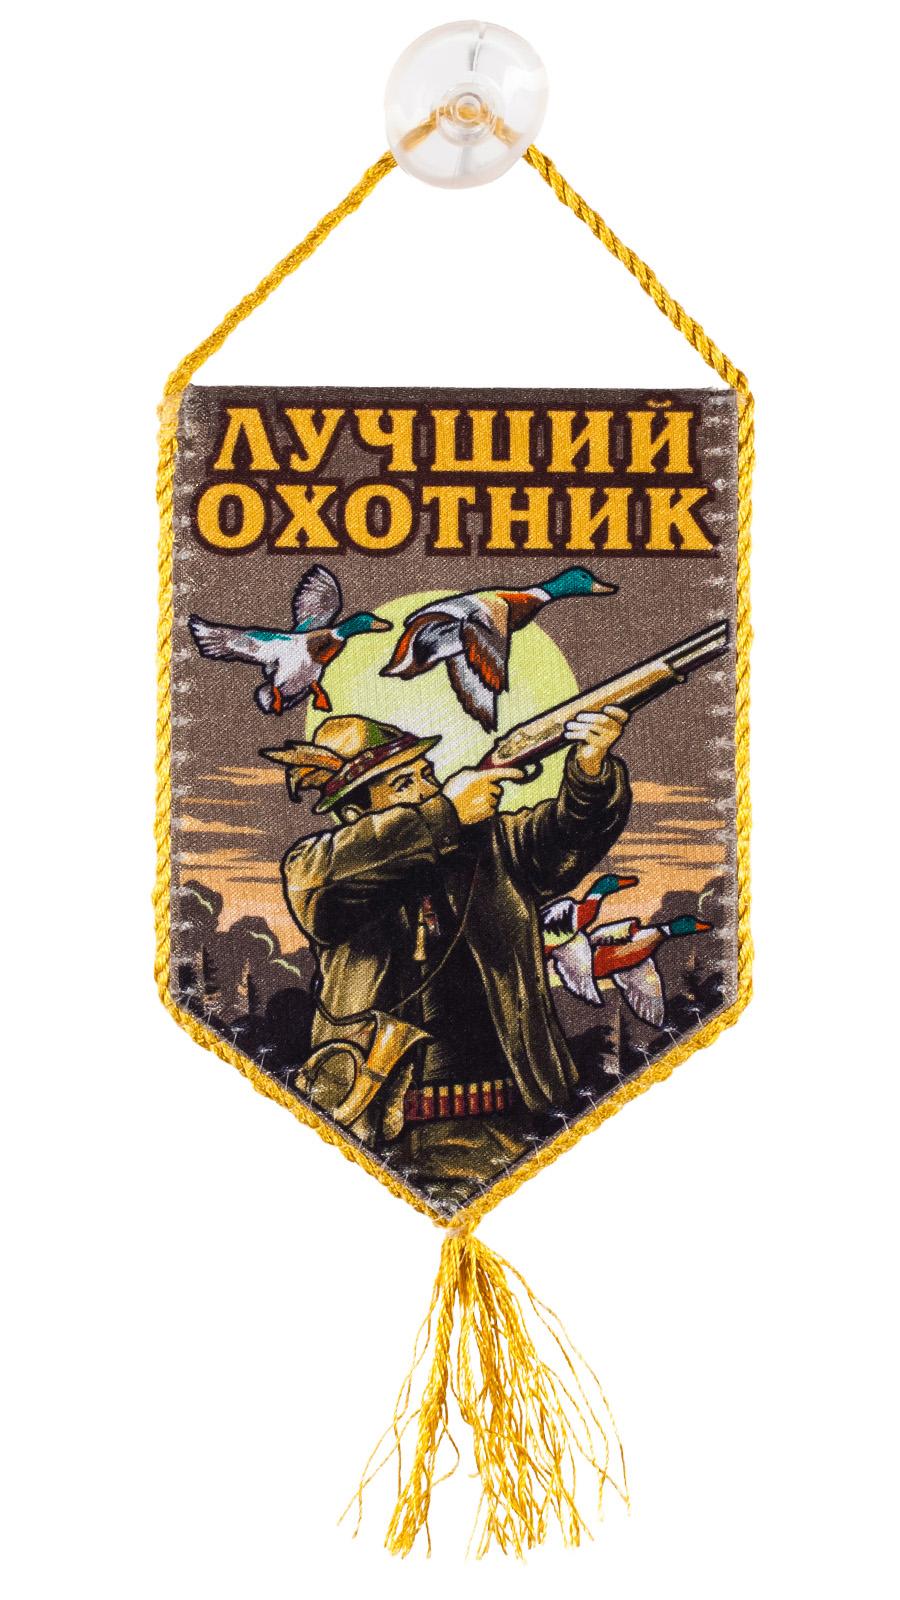 """Сувенирный вымпел """"Лучший охотник"""" в машину"""